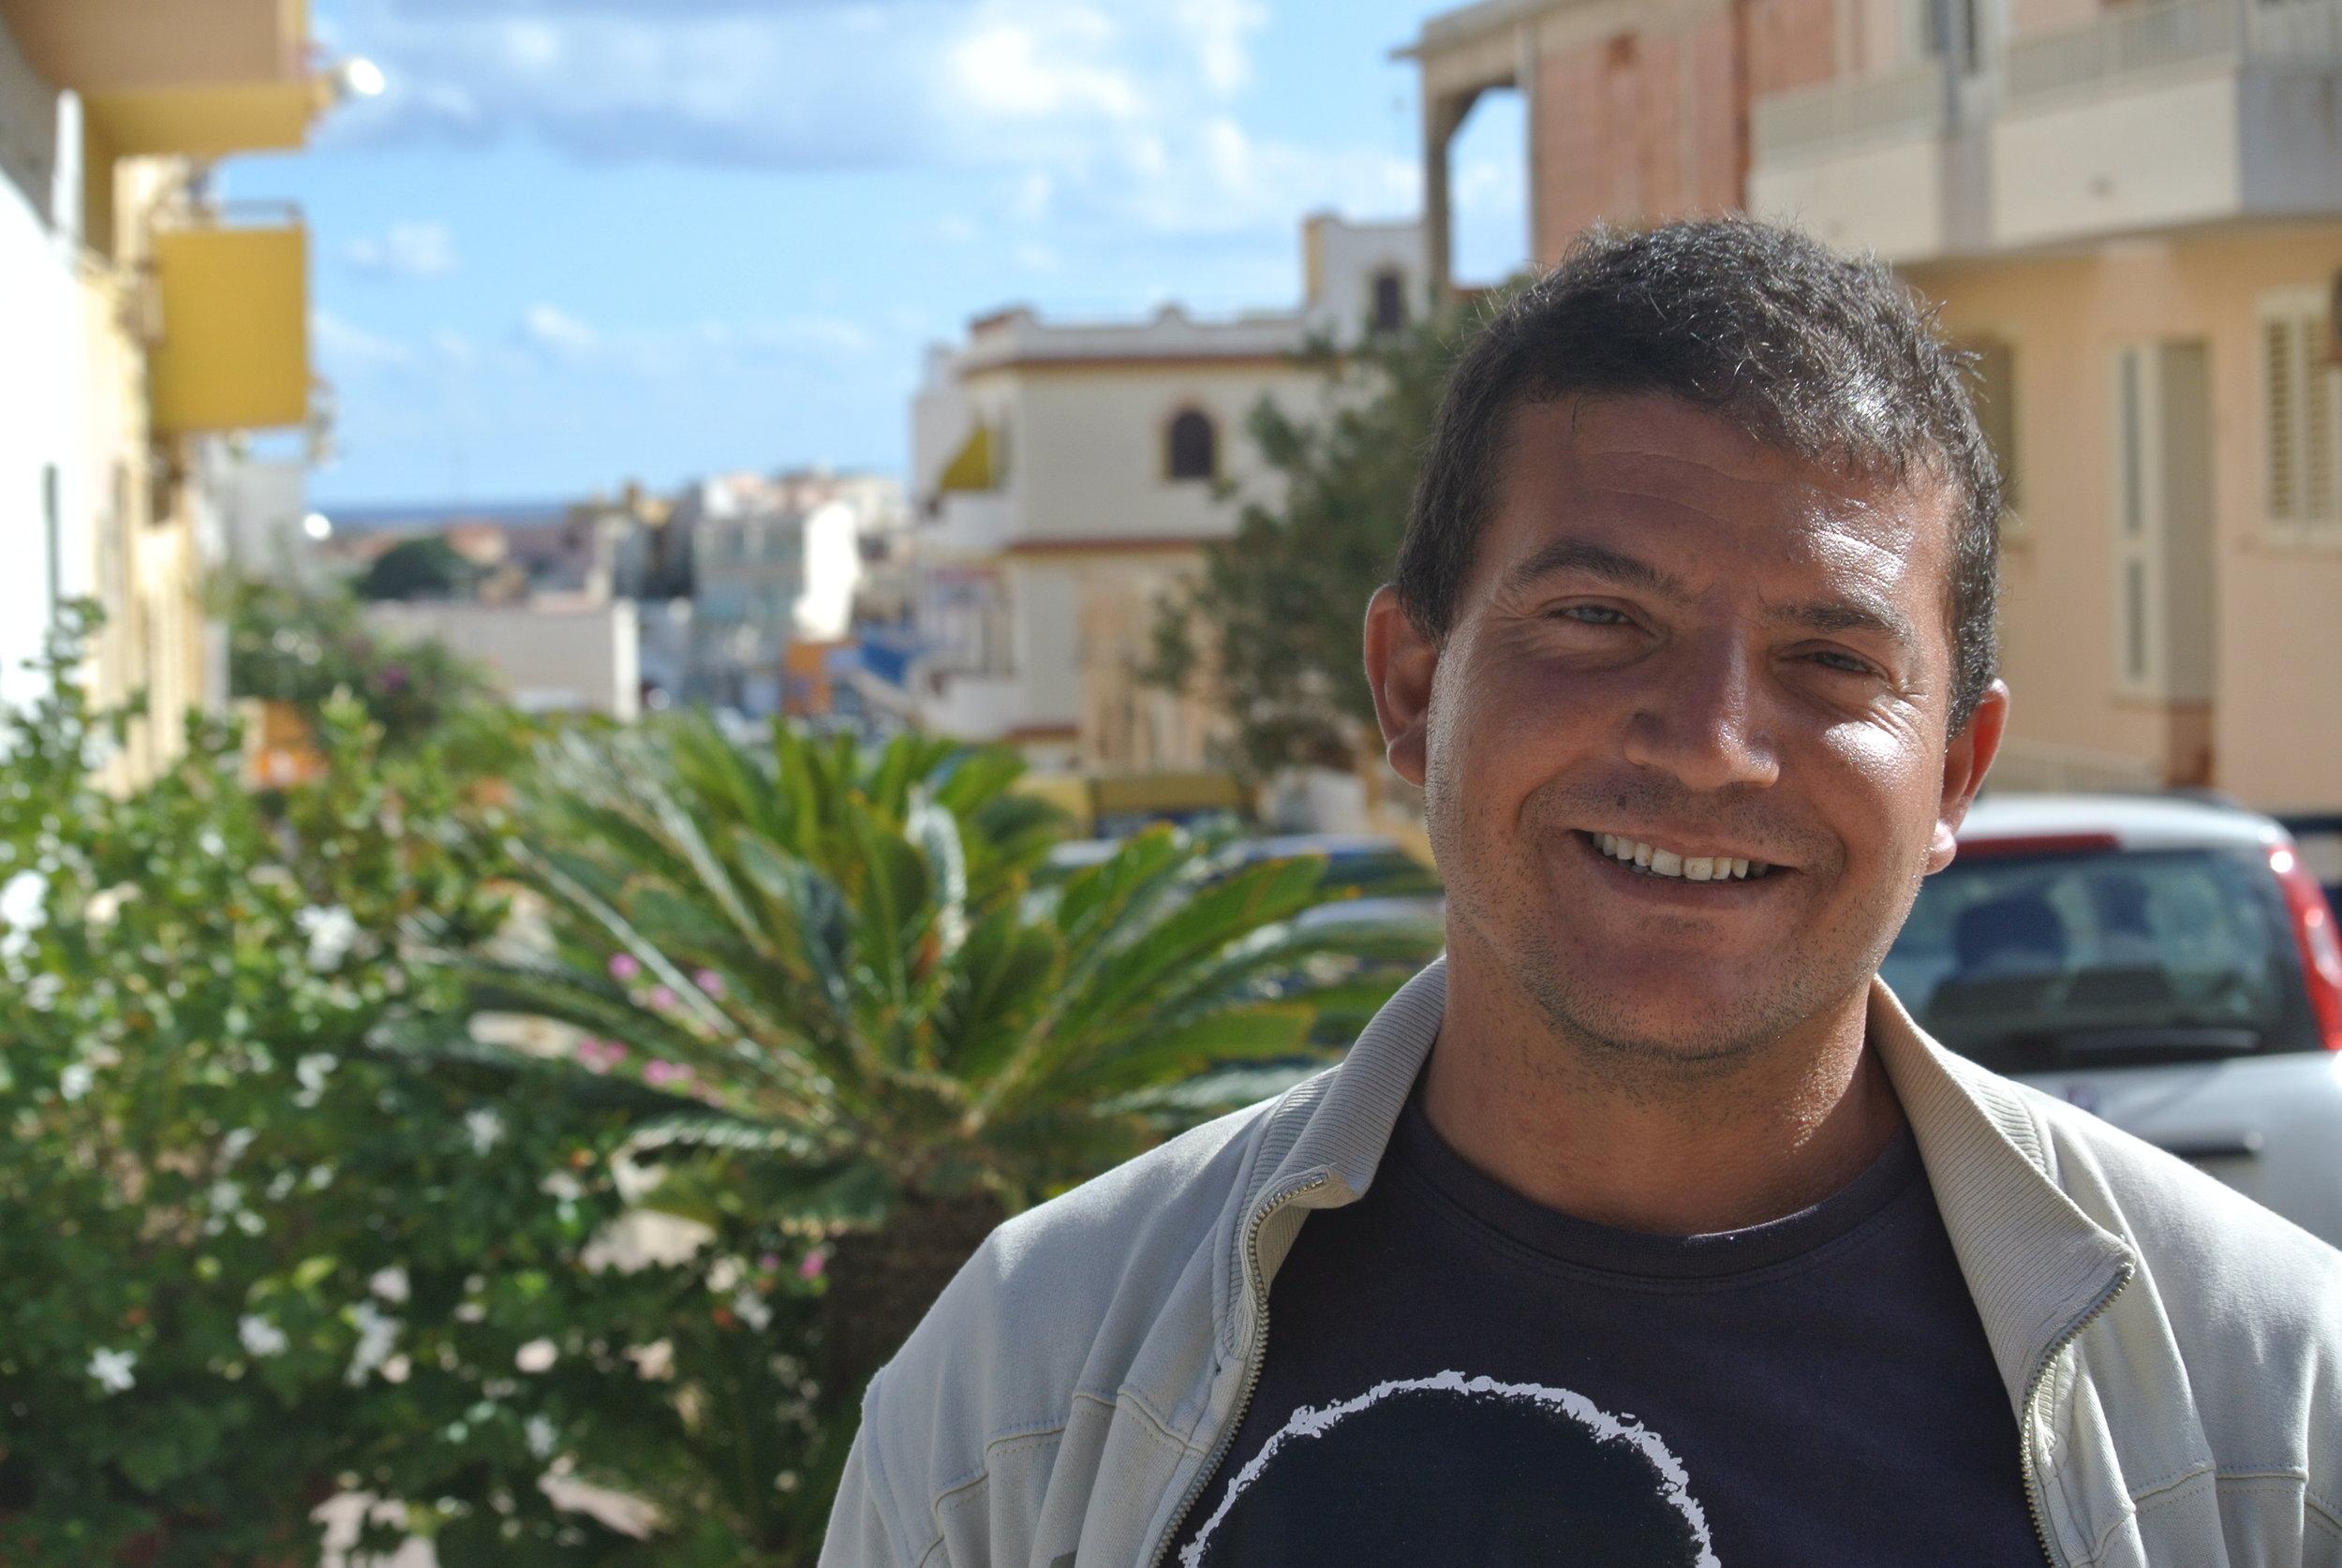 Hassen in Lampedusa, Italy. 12 October 2017.  © Pamela Kerpius